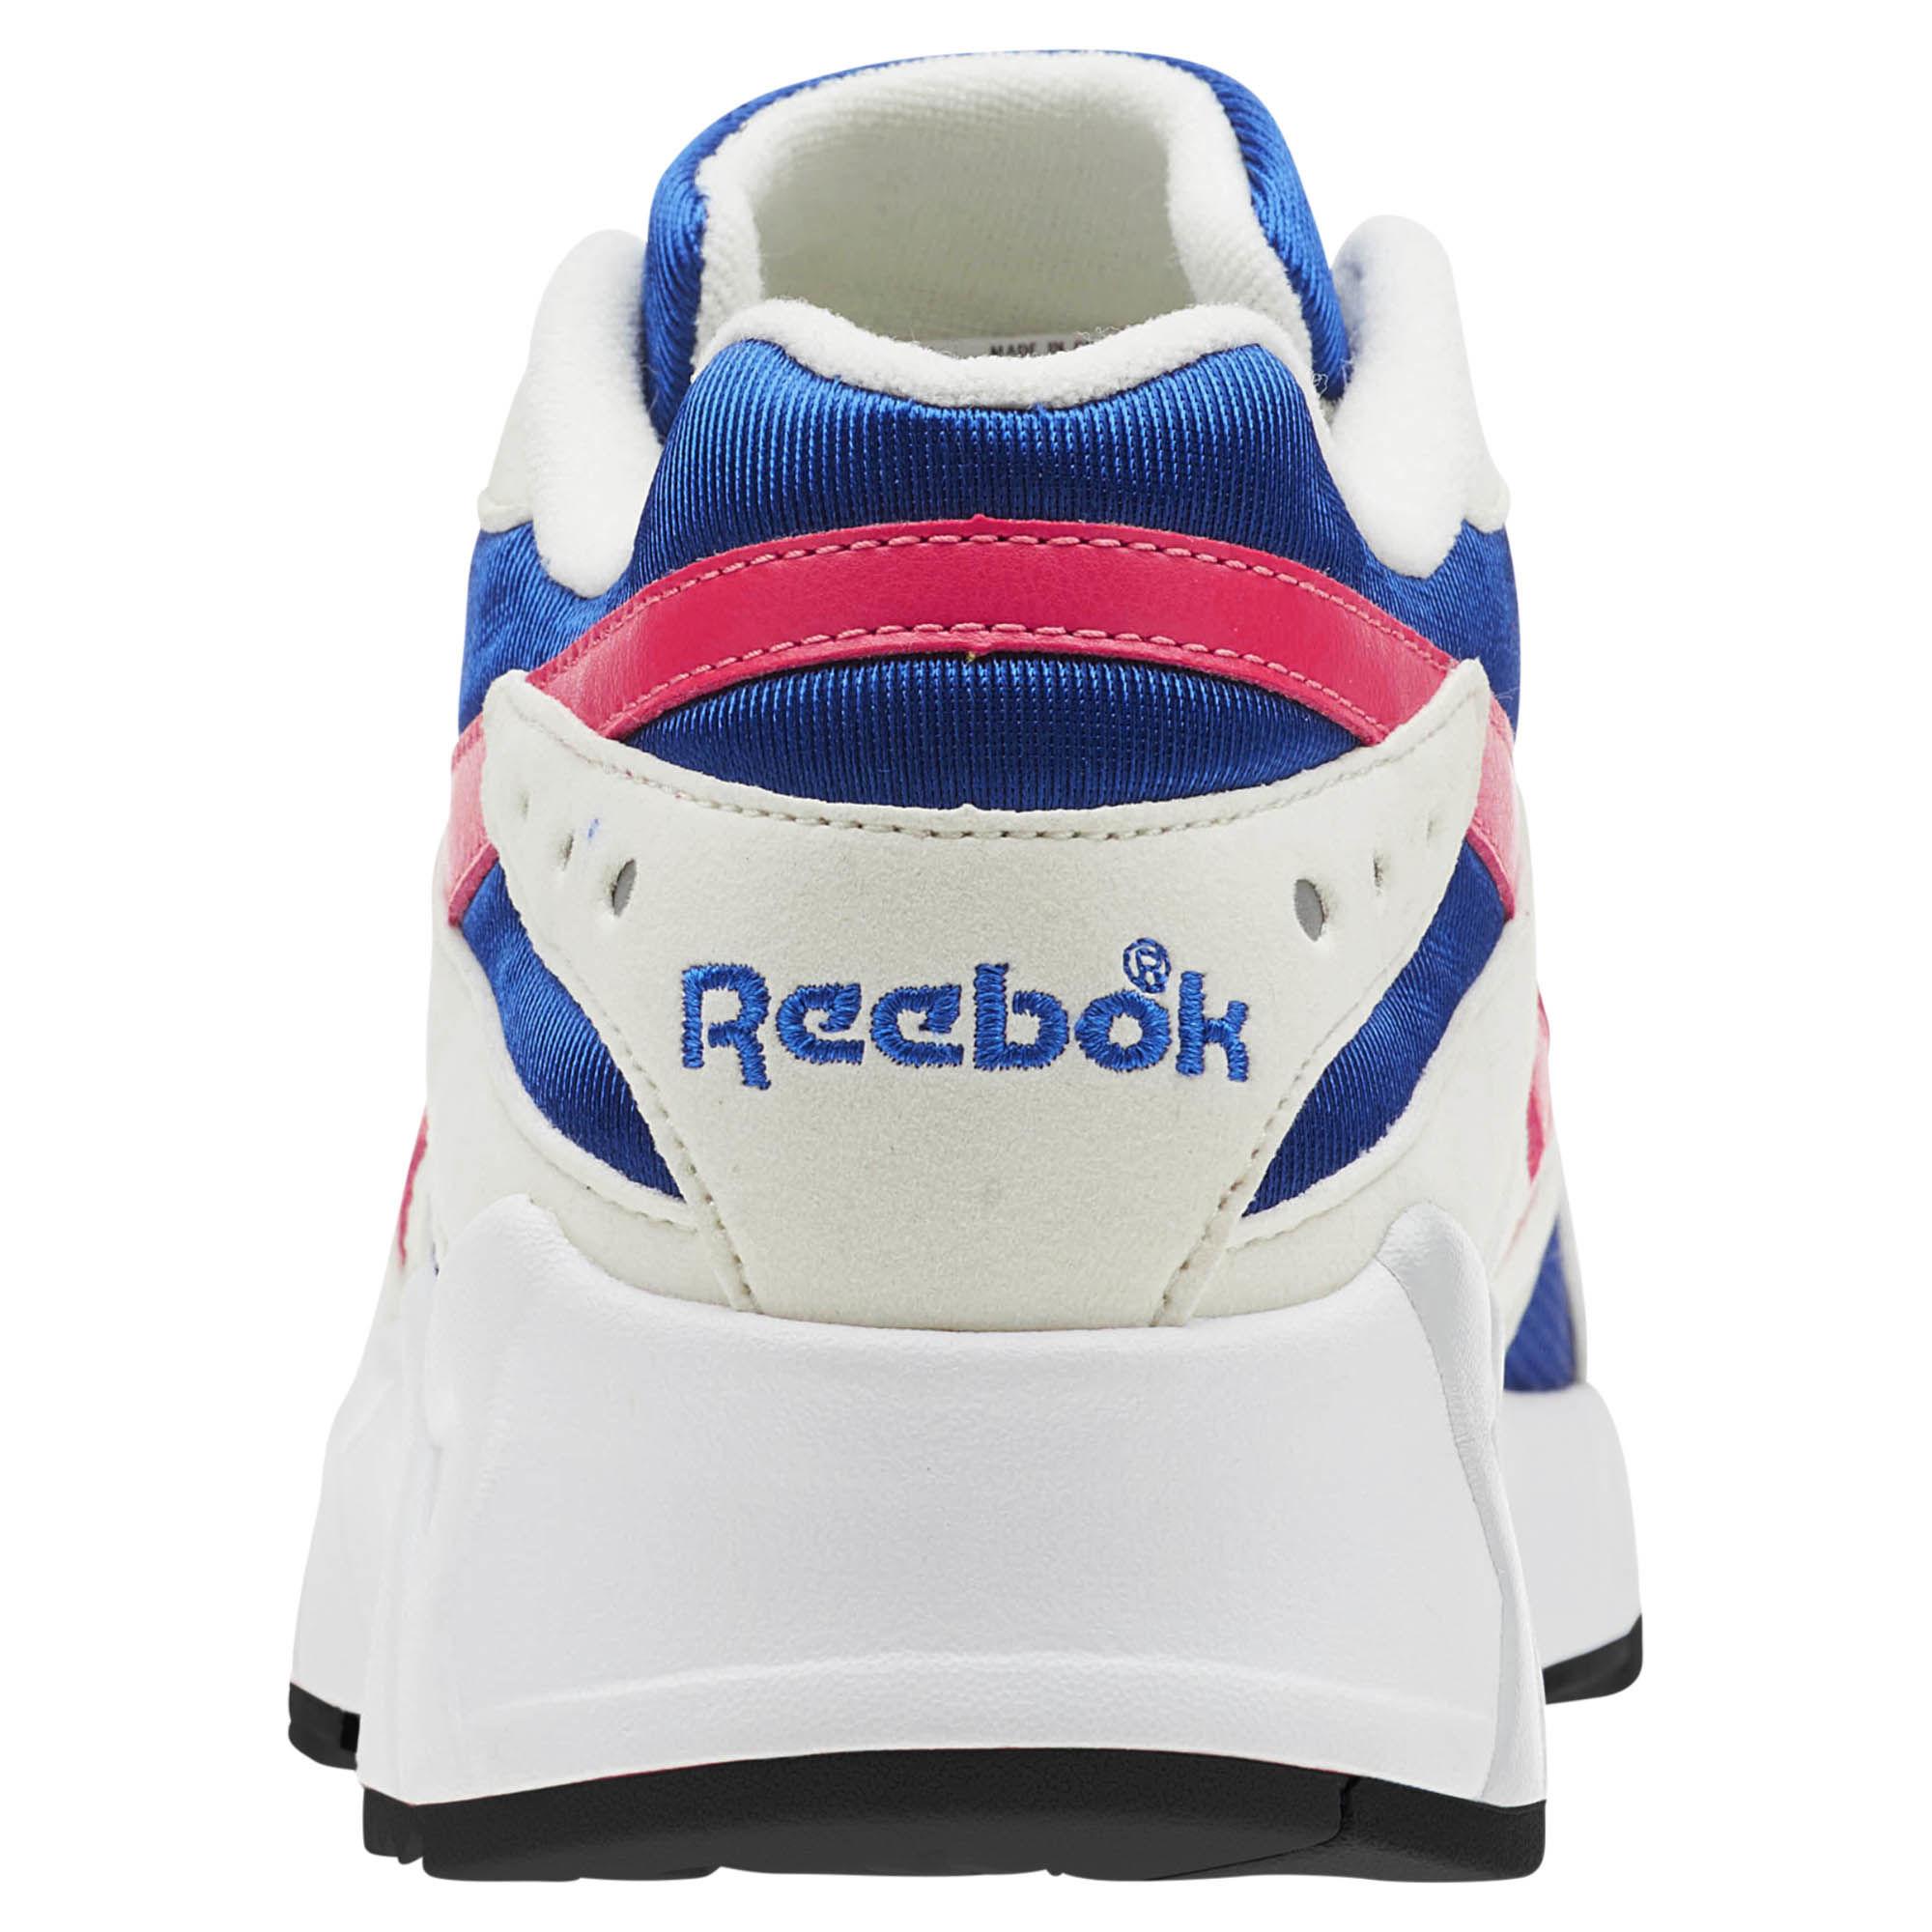 Reebok Aztrek OG Chalk/Collegiate Royal/Bright Rose/White (CN7068)